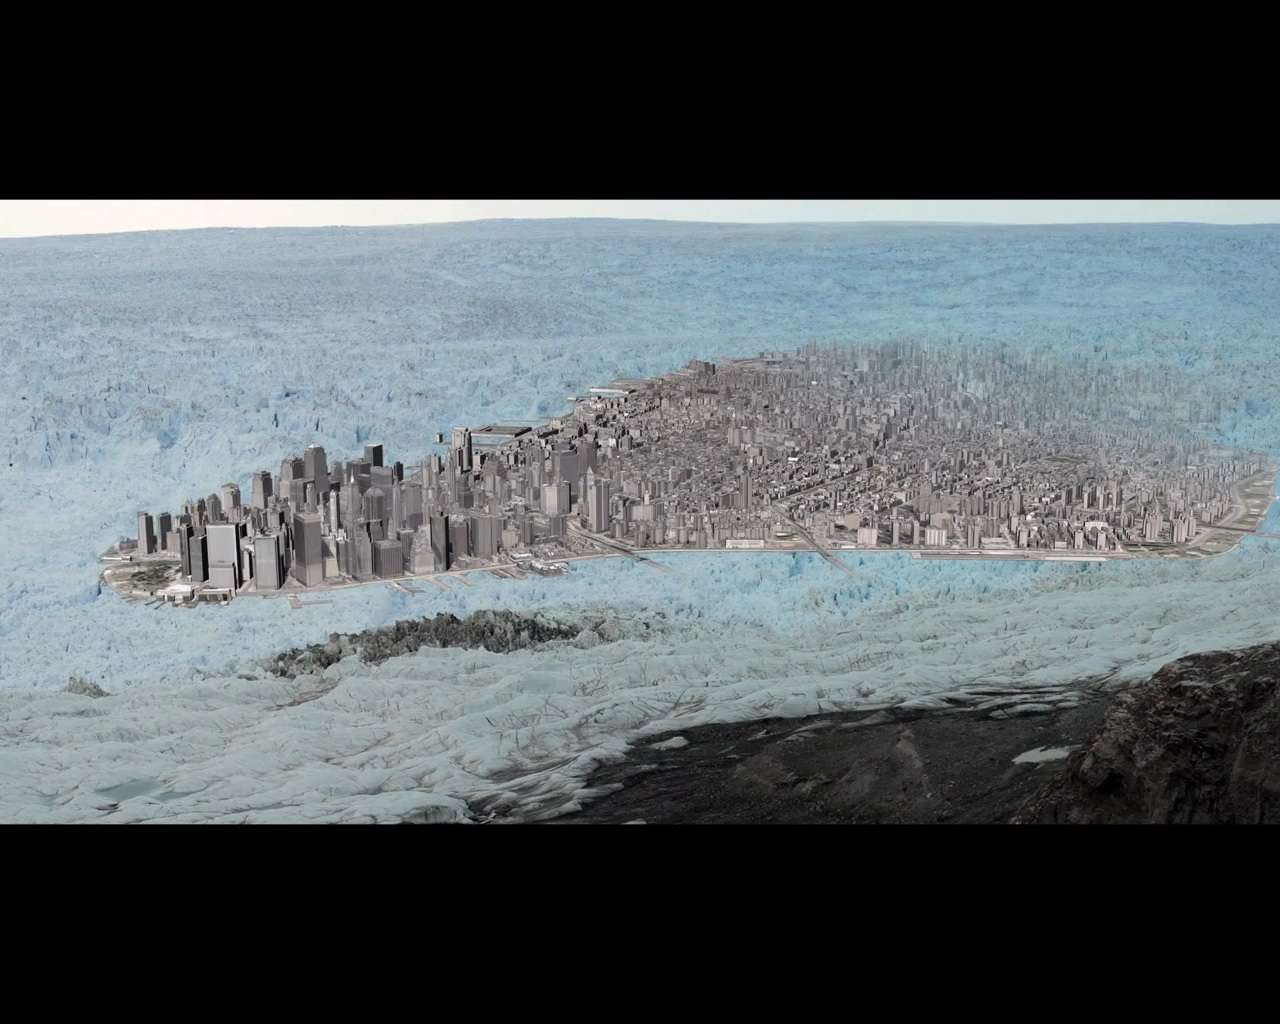 Le vêlage est la chute de glace à l'origine de la formation des icebergs. Dans le documentaire Chasing Ice, les cinéastes montrent le plus grand vêlage jamais filmé. Le glacier a perdu 7,3 km3 de glace, une masse d'une superficie plus grande que le quartier de Manhattan. ©, Chasing Ice, capture d'écran